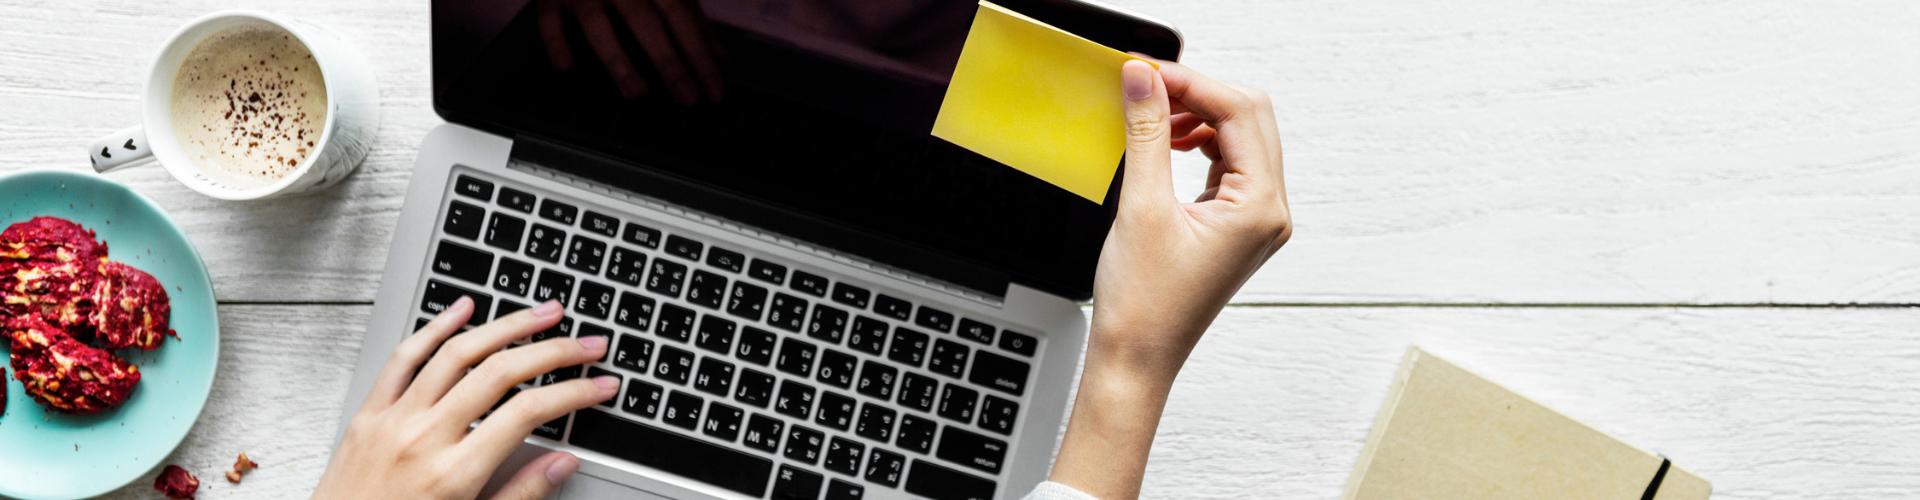 5 consigli da seguire prima di aprire il tuo sito aziendale